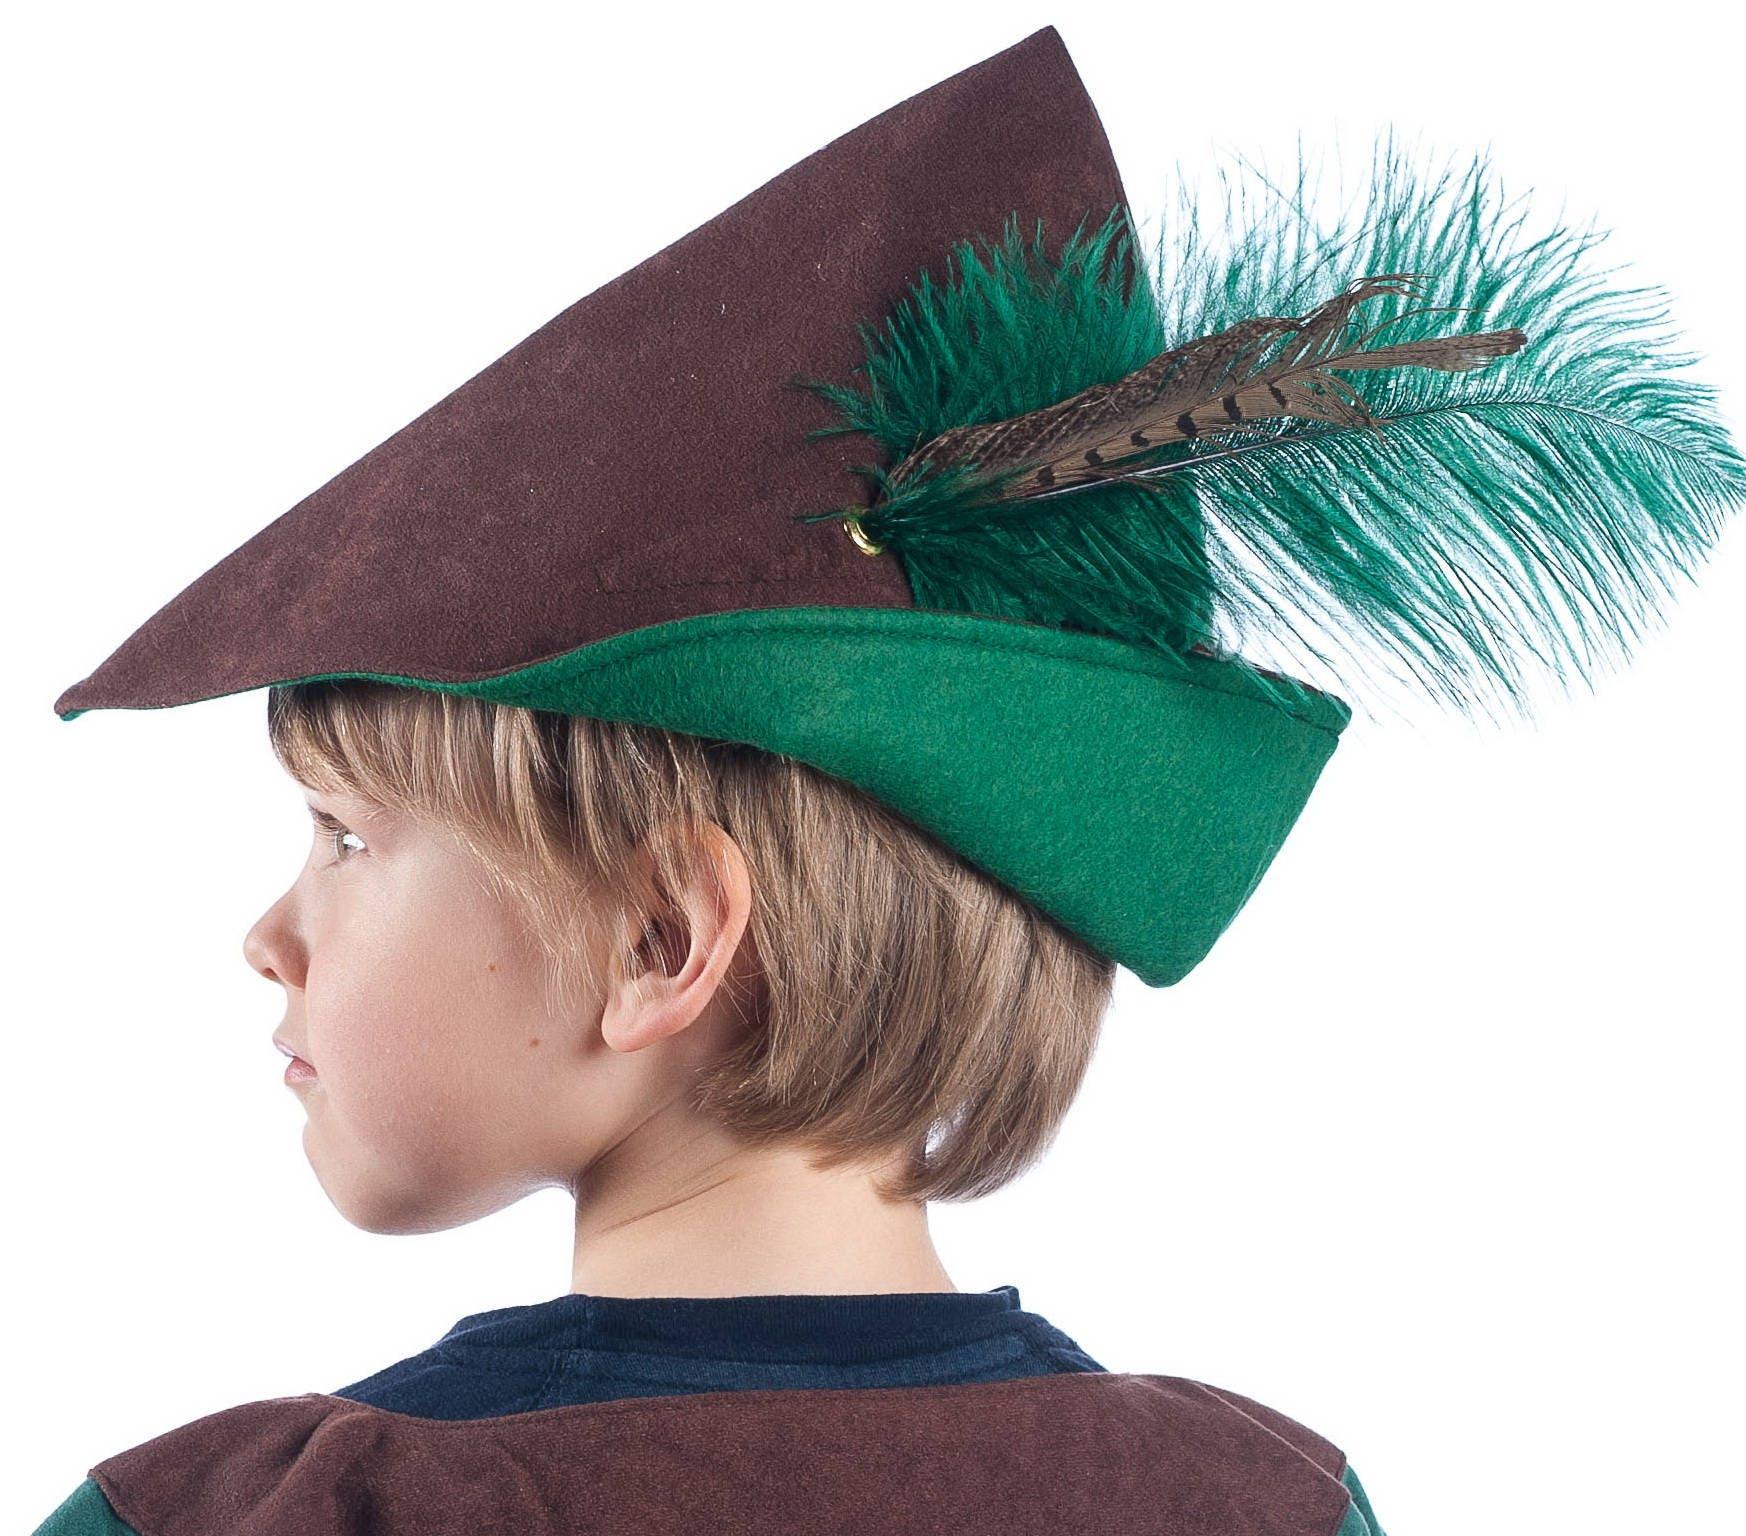 Шляпа робин гуда своими руками 12